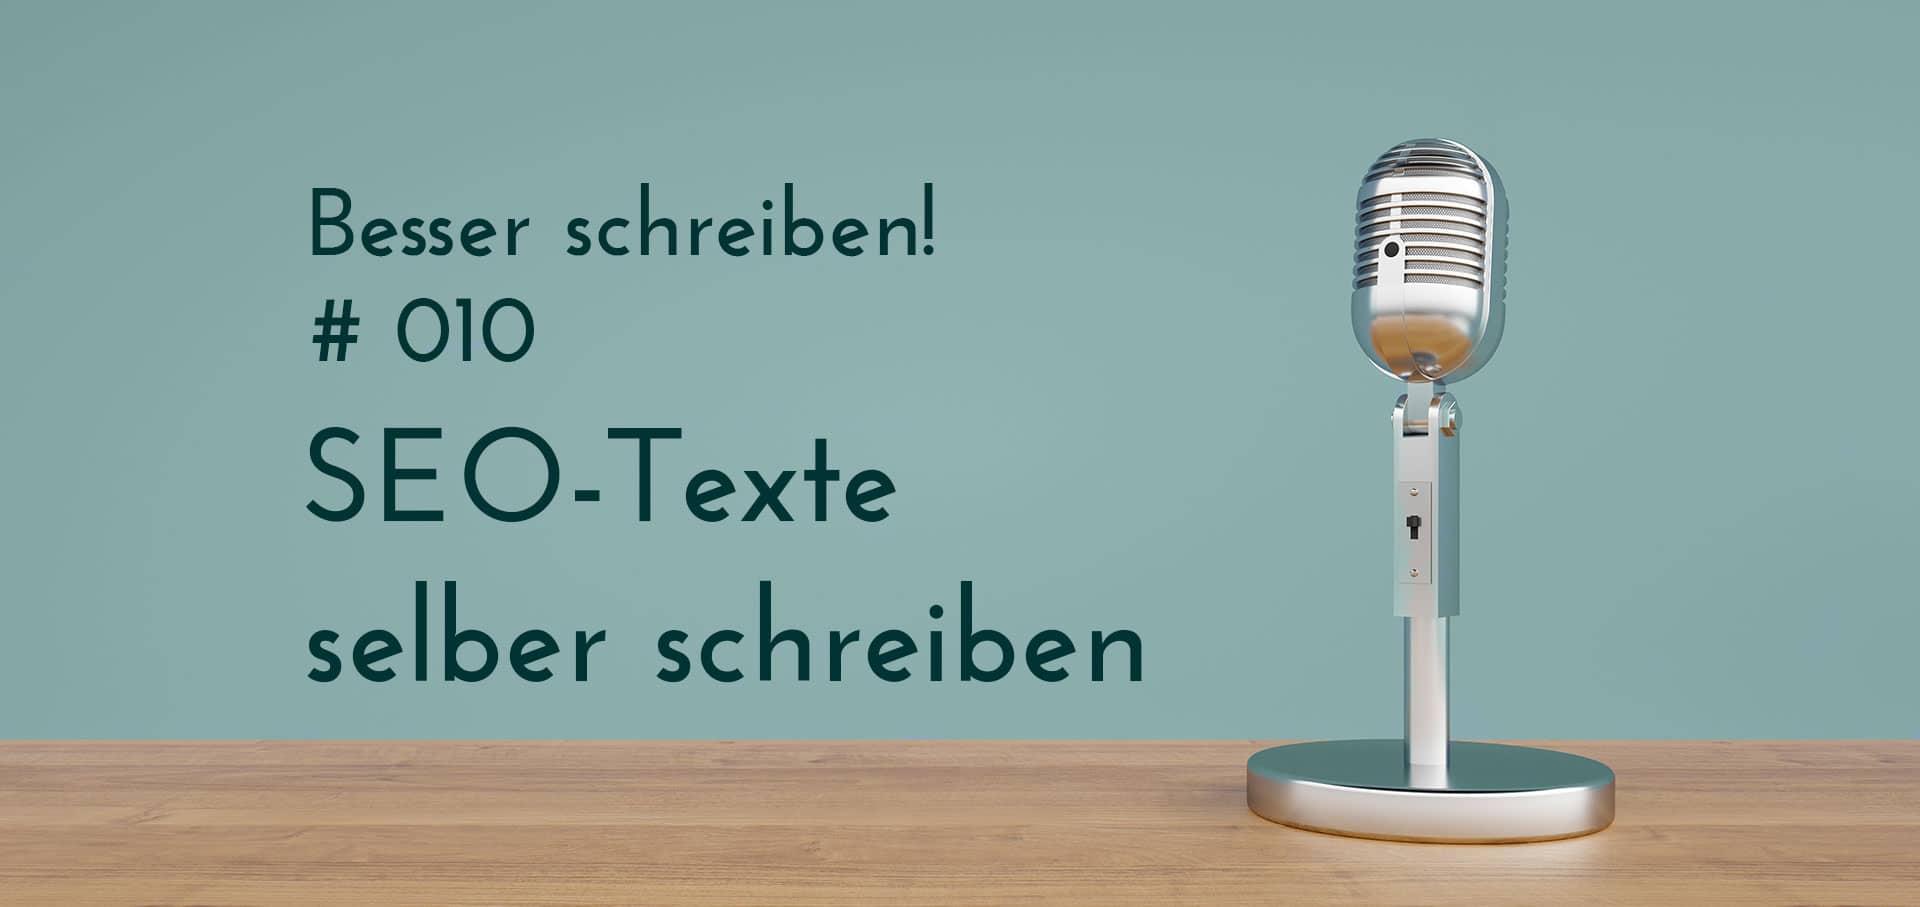 Podcastbeitrag SEO Texte selber schreiben